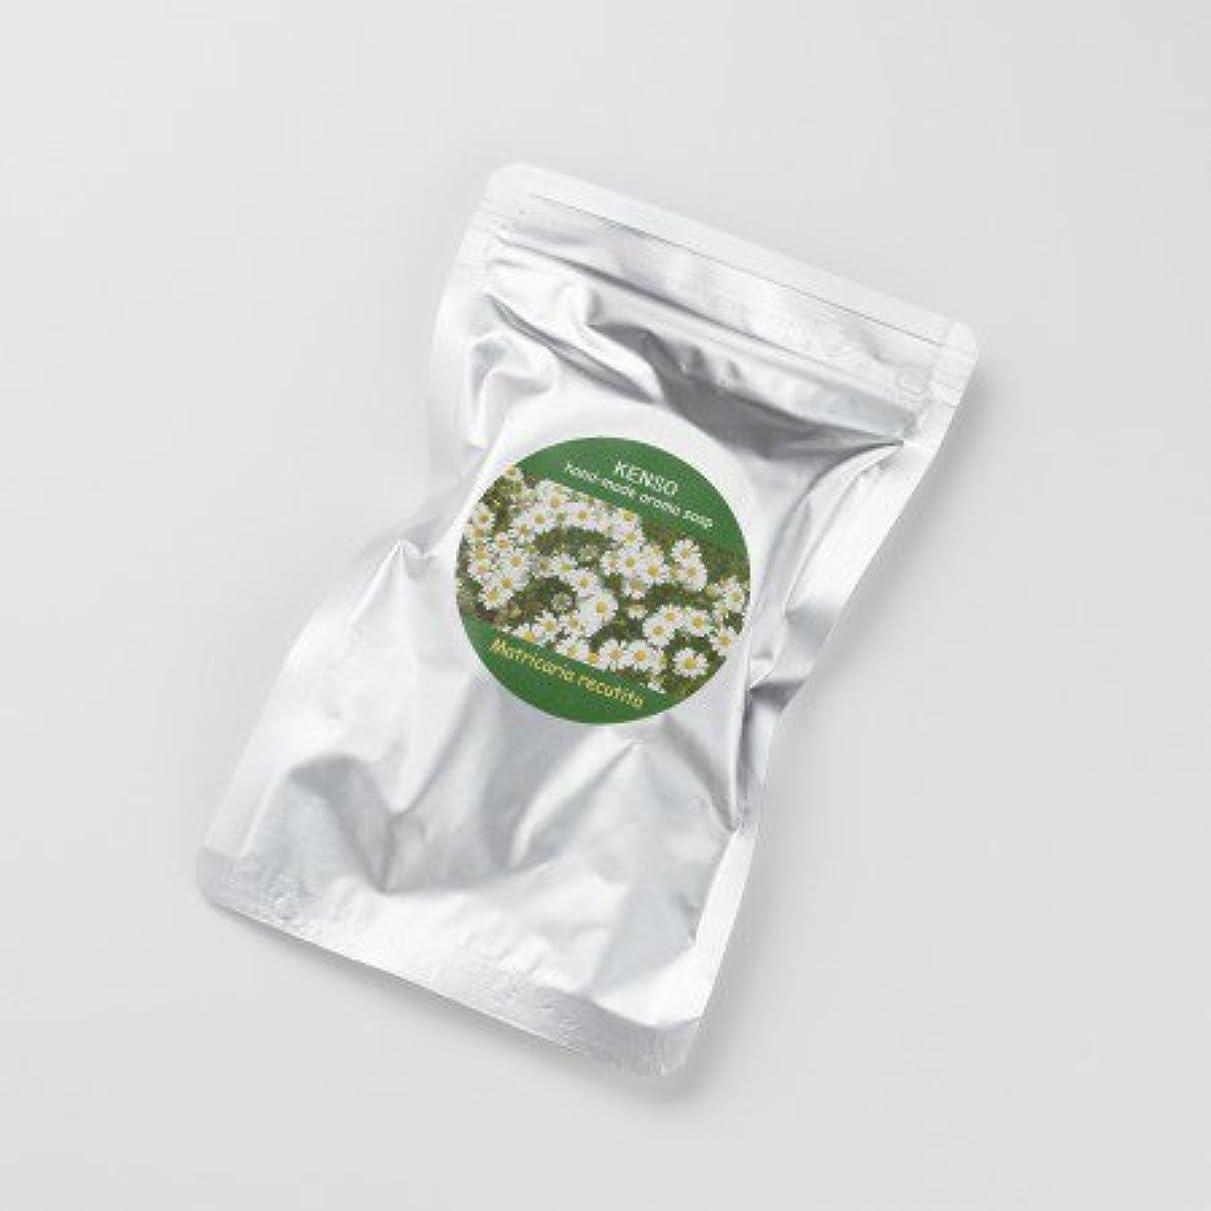 奪う大温かいケンソー カモマイル ソープ 50g (KENSO アロマグリセリンソープ)